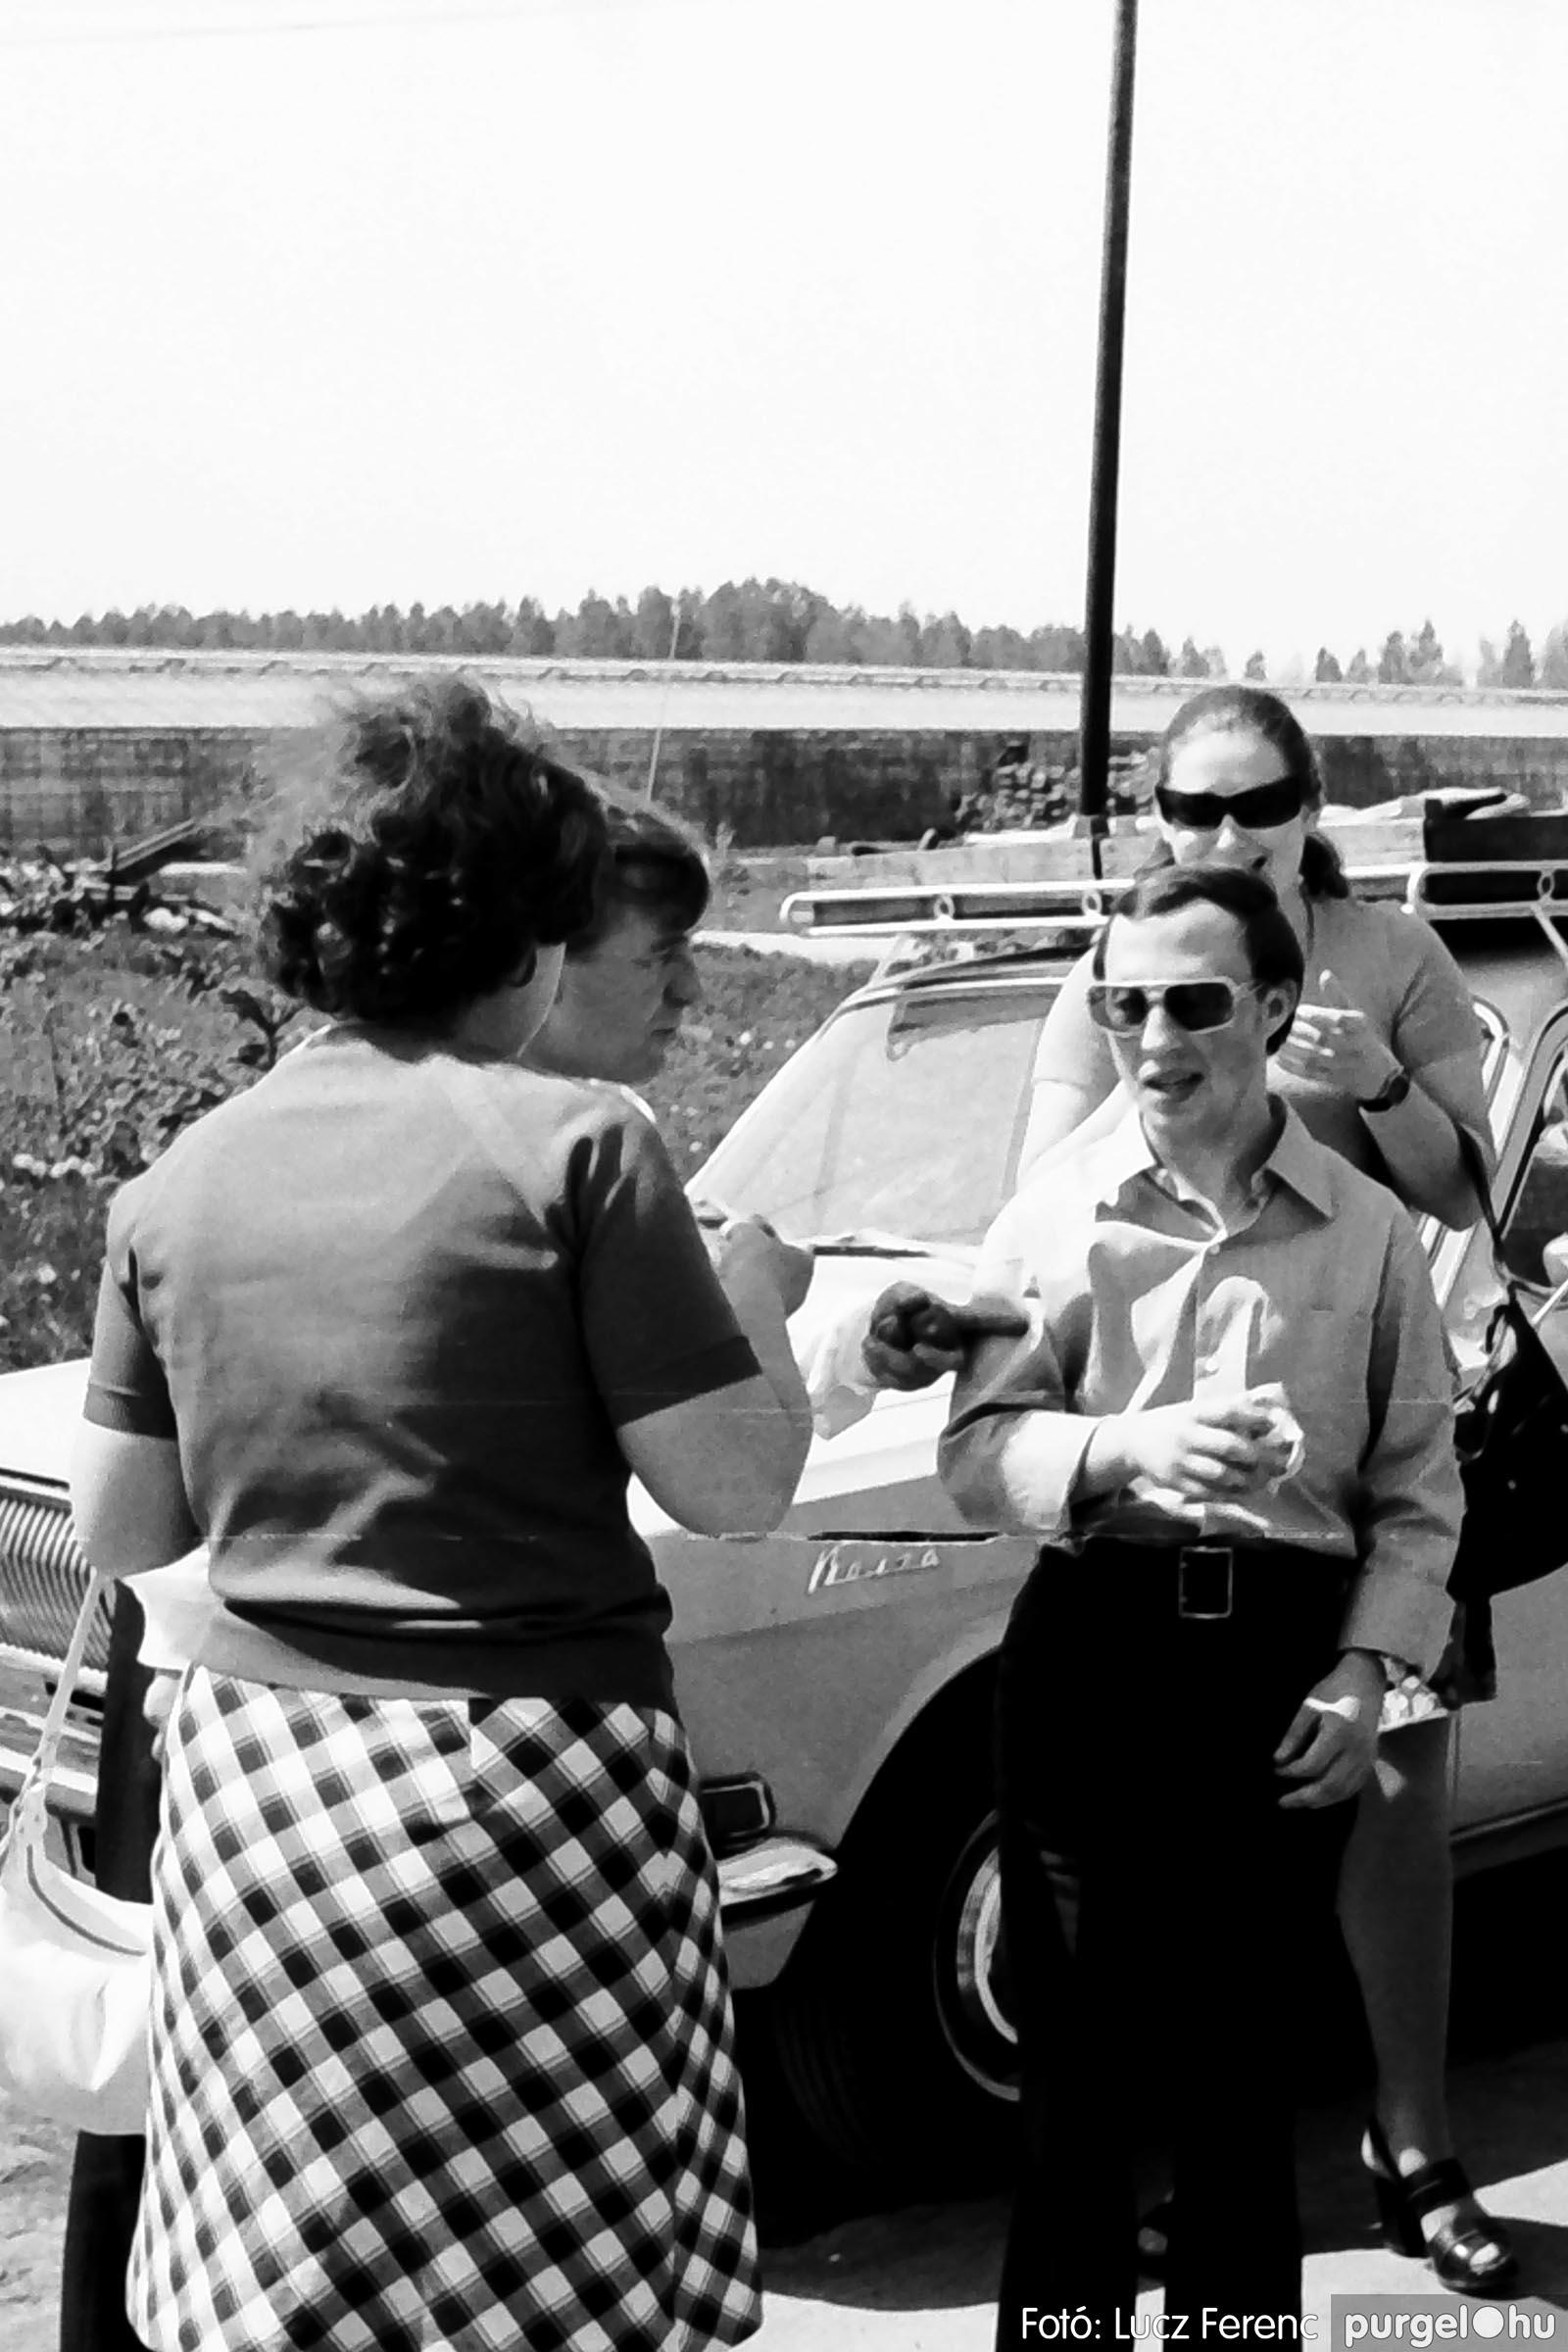 013 1975.04. A felszabadulási munkaverseny győztes üzeme 024 - Fotó: Lucz Ferenc IMG00131q.jpg